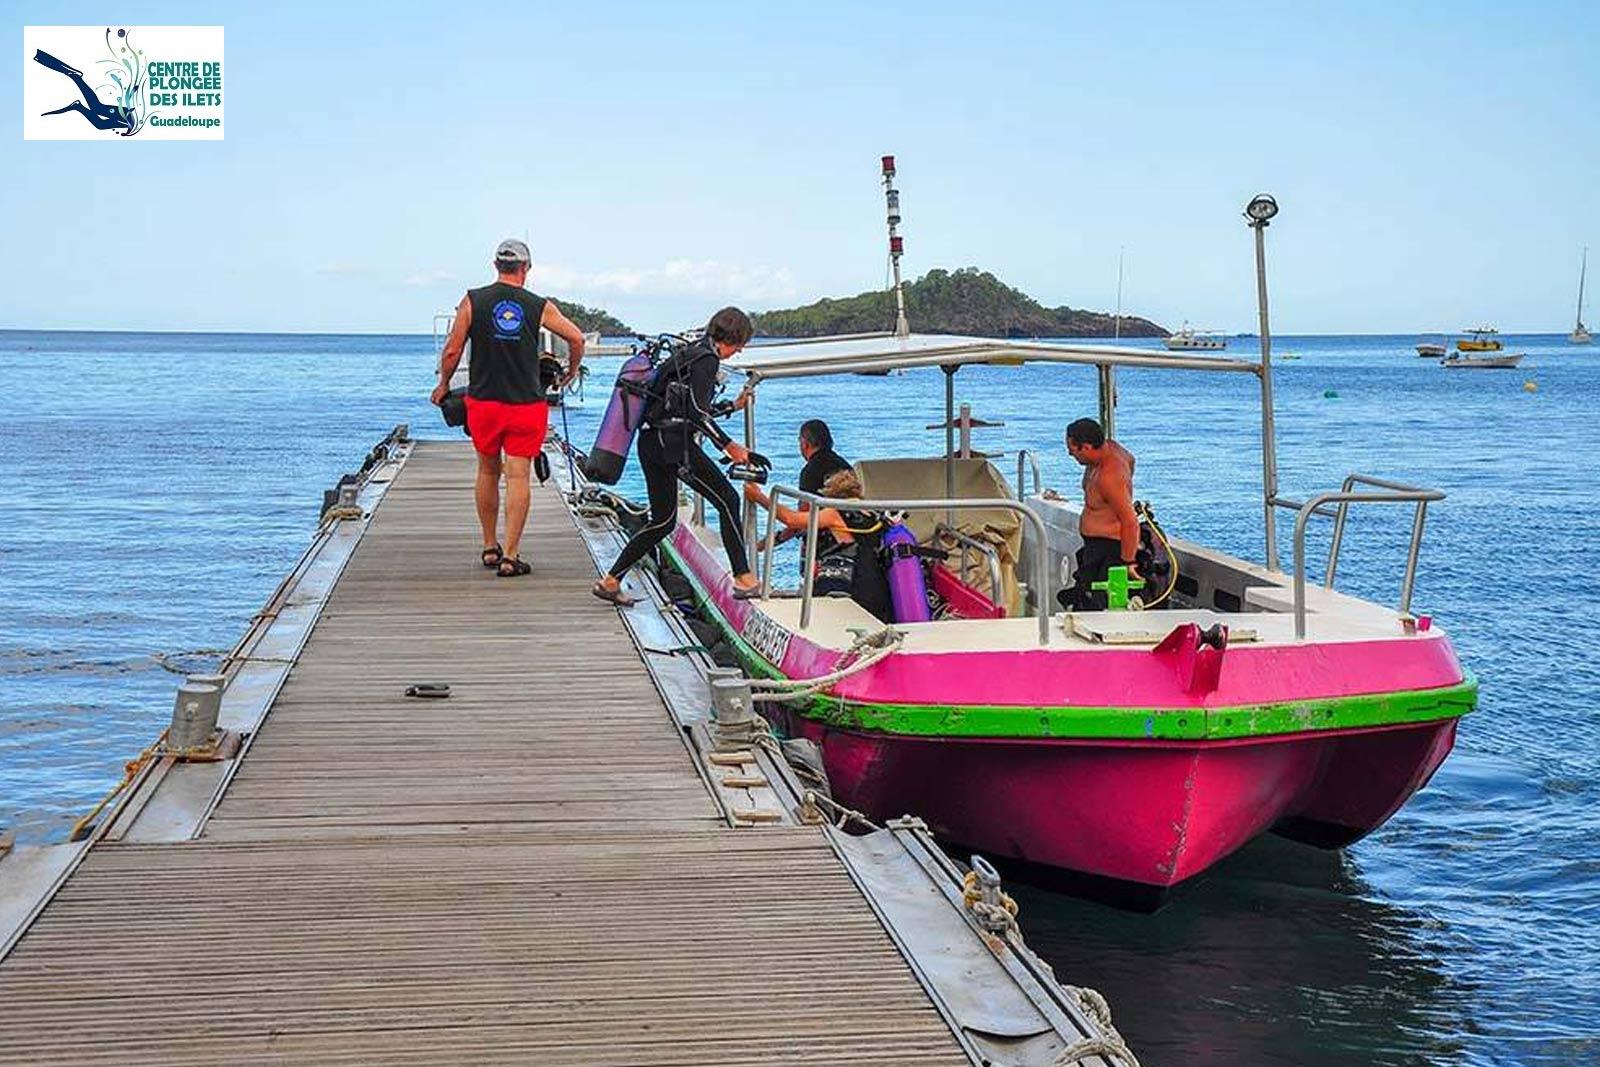 Centre de plongée des Ilets - Le bateau